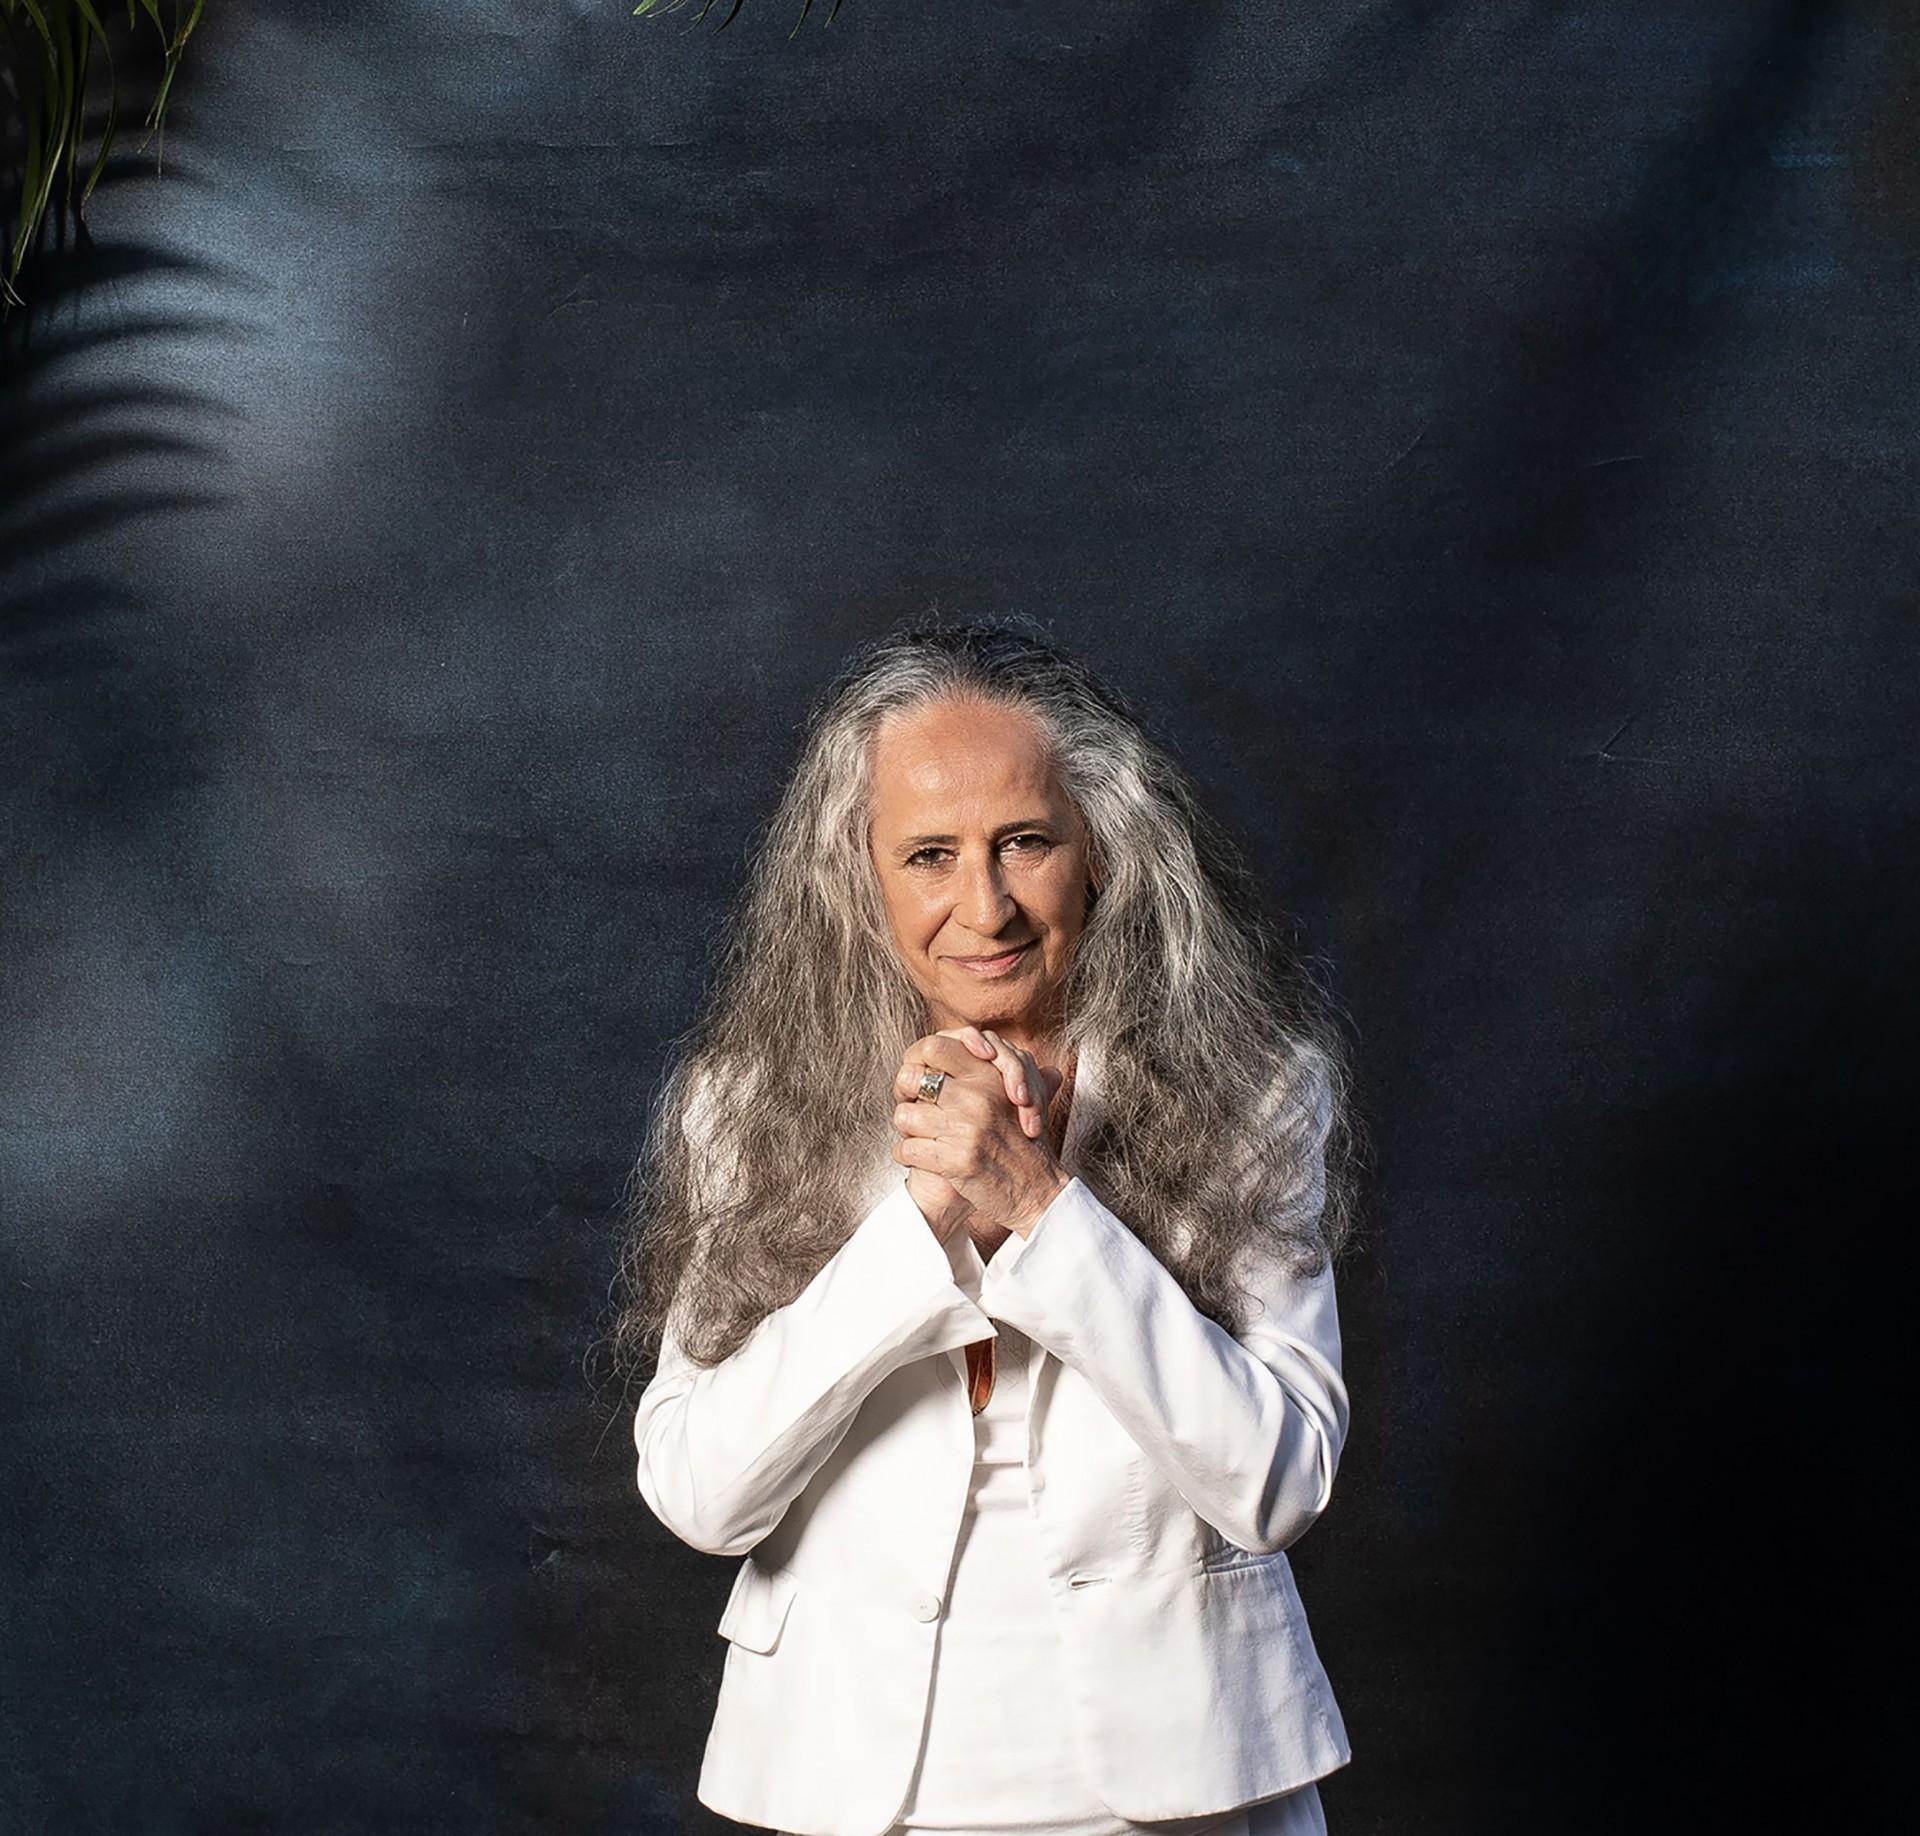 Maria Bethânia lança 'Noturno', álbum gravado entre setembro e outubro de 2020, e maio de 2021 (Foto: Jorge Bispo/ Divulgação)